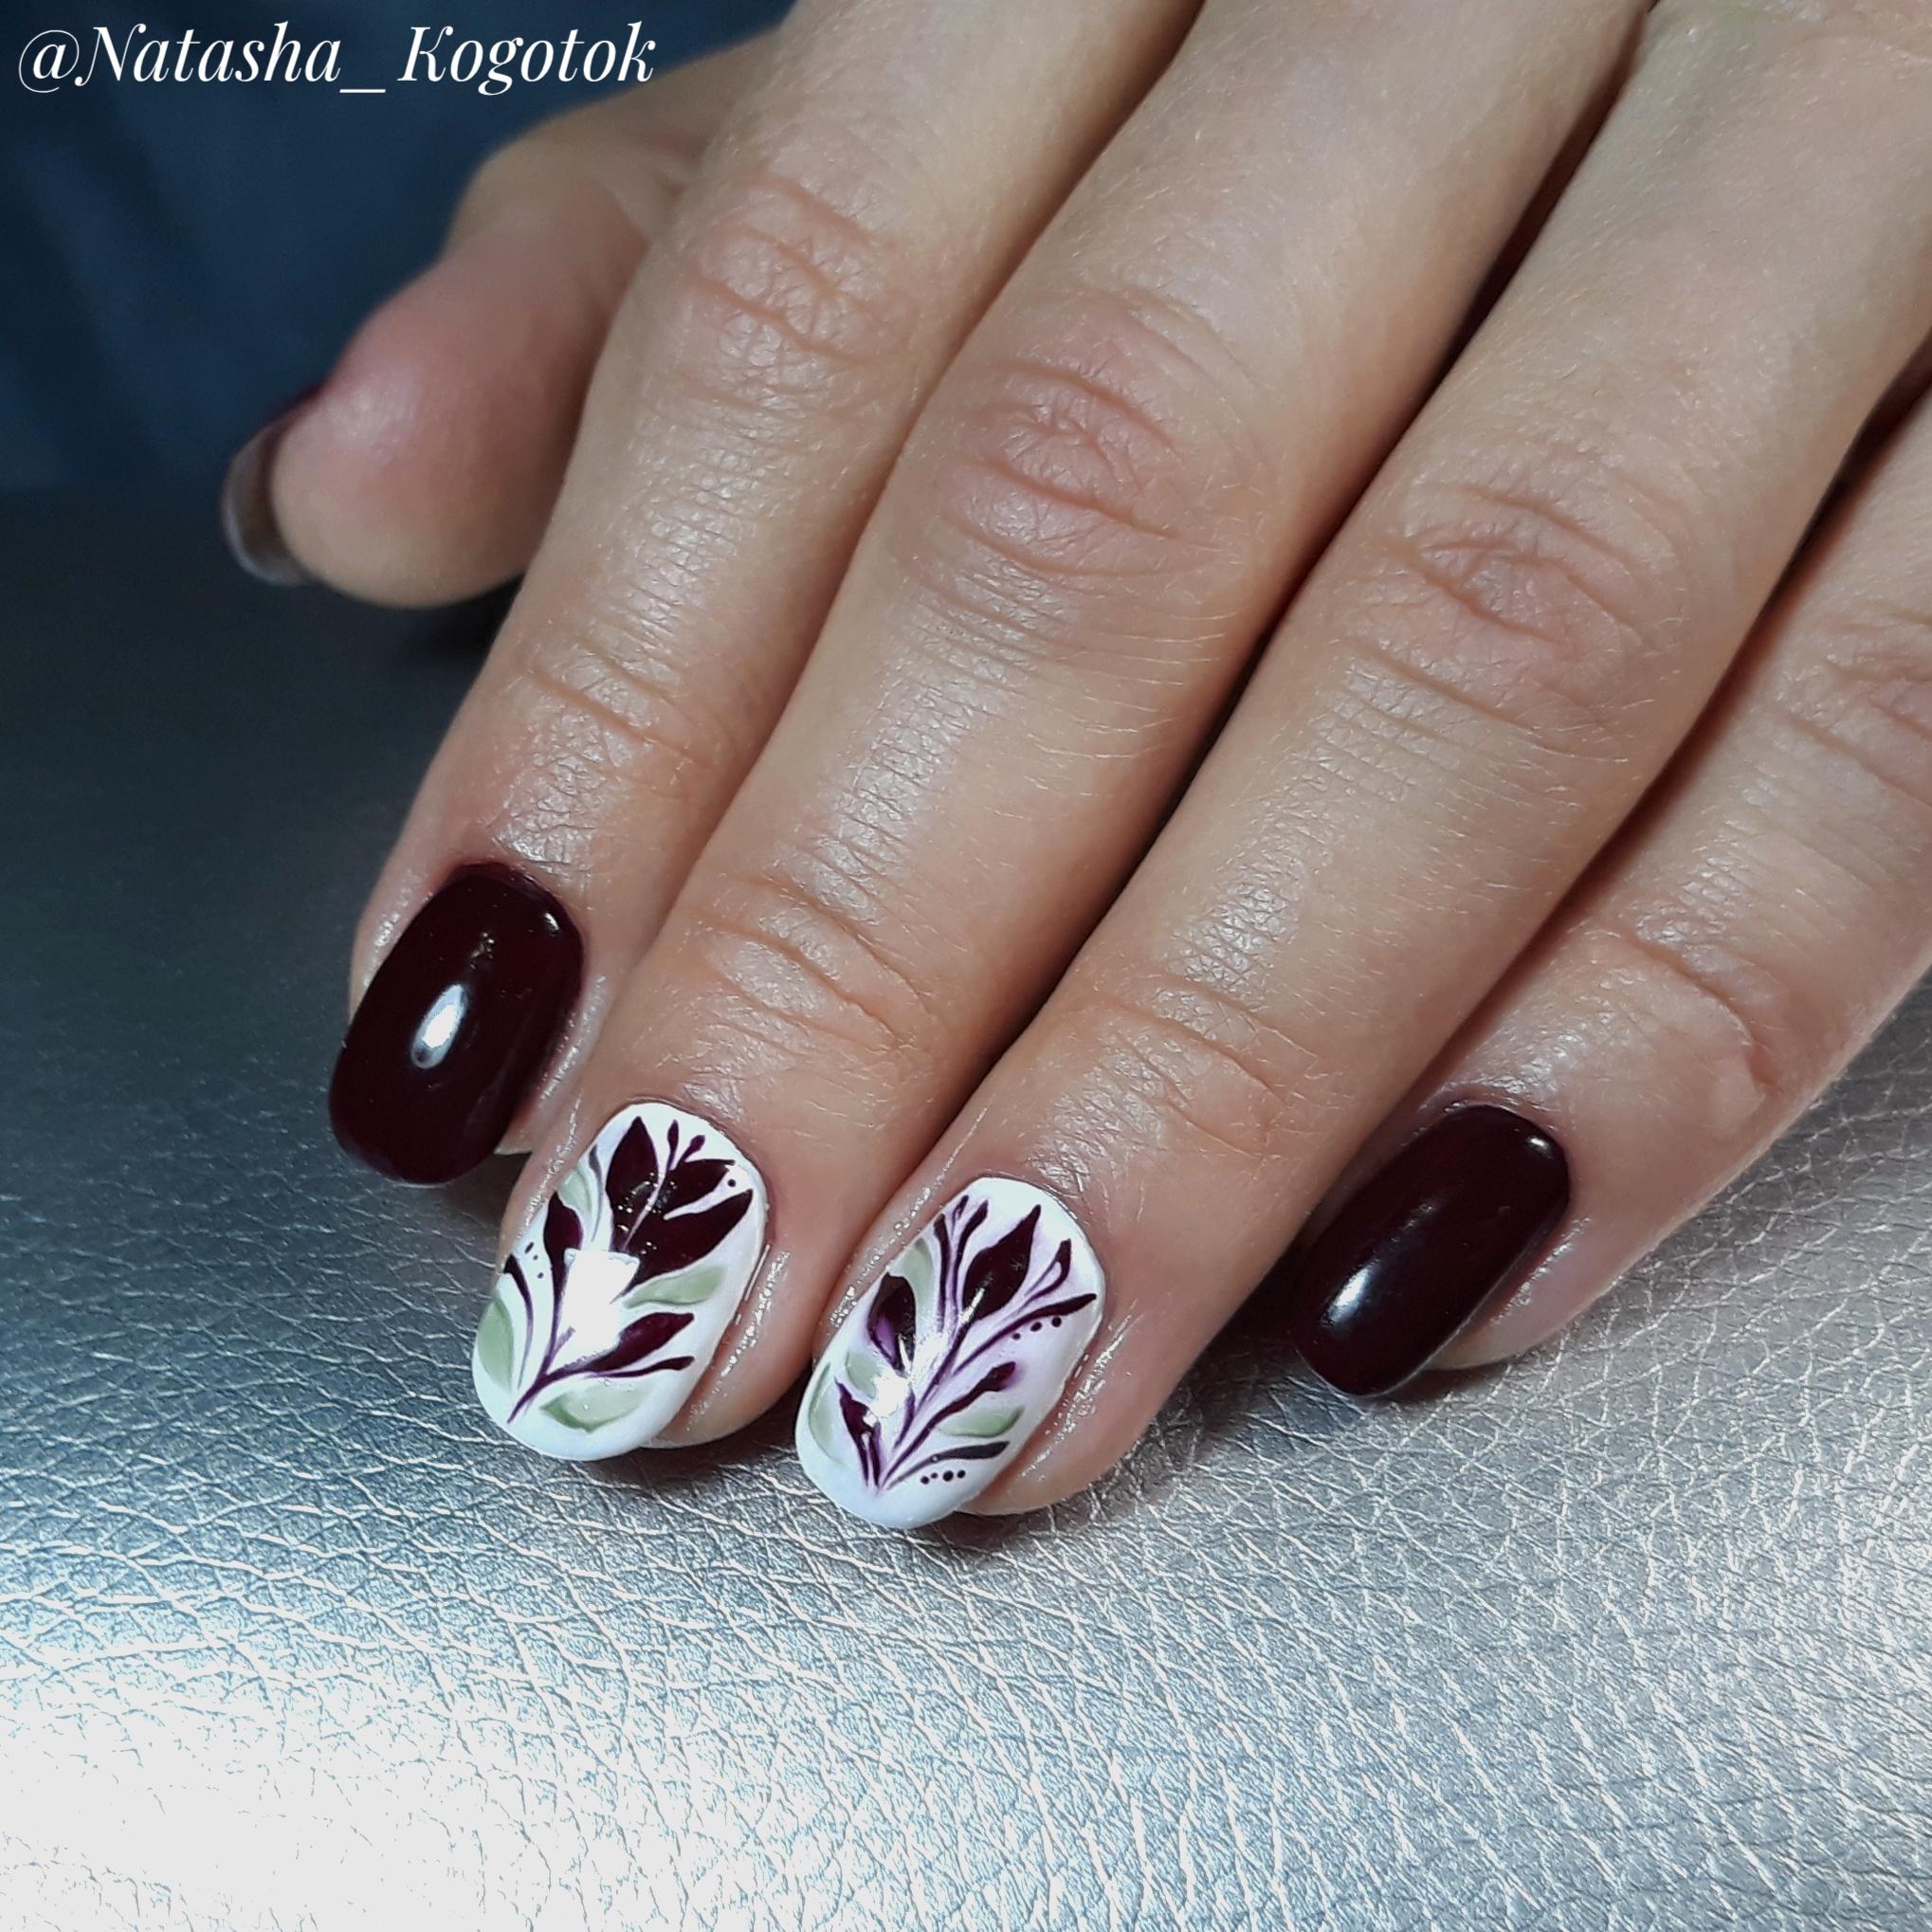 Маникюр с растительным рисунком в шоколадном цвете на короткие ногти.